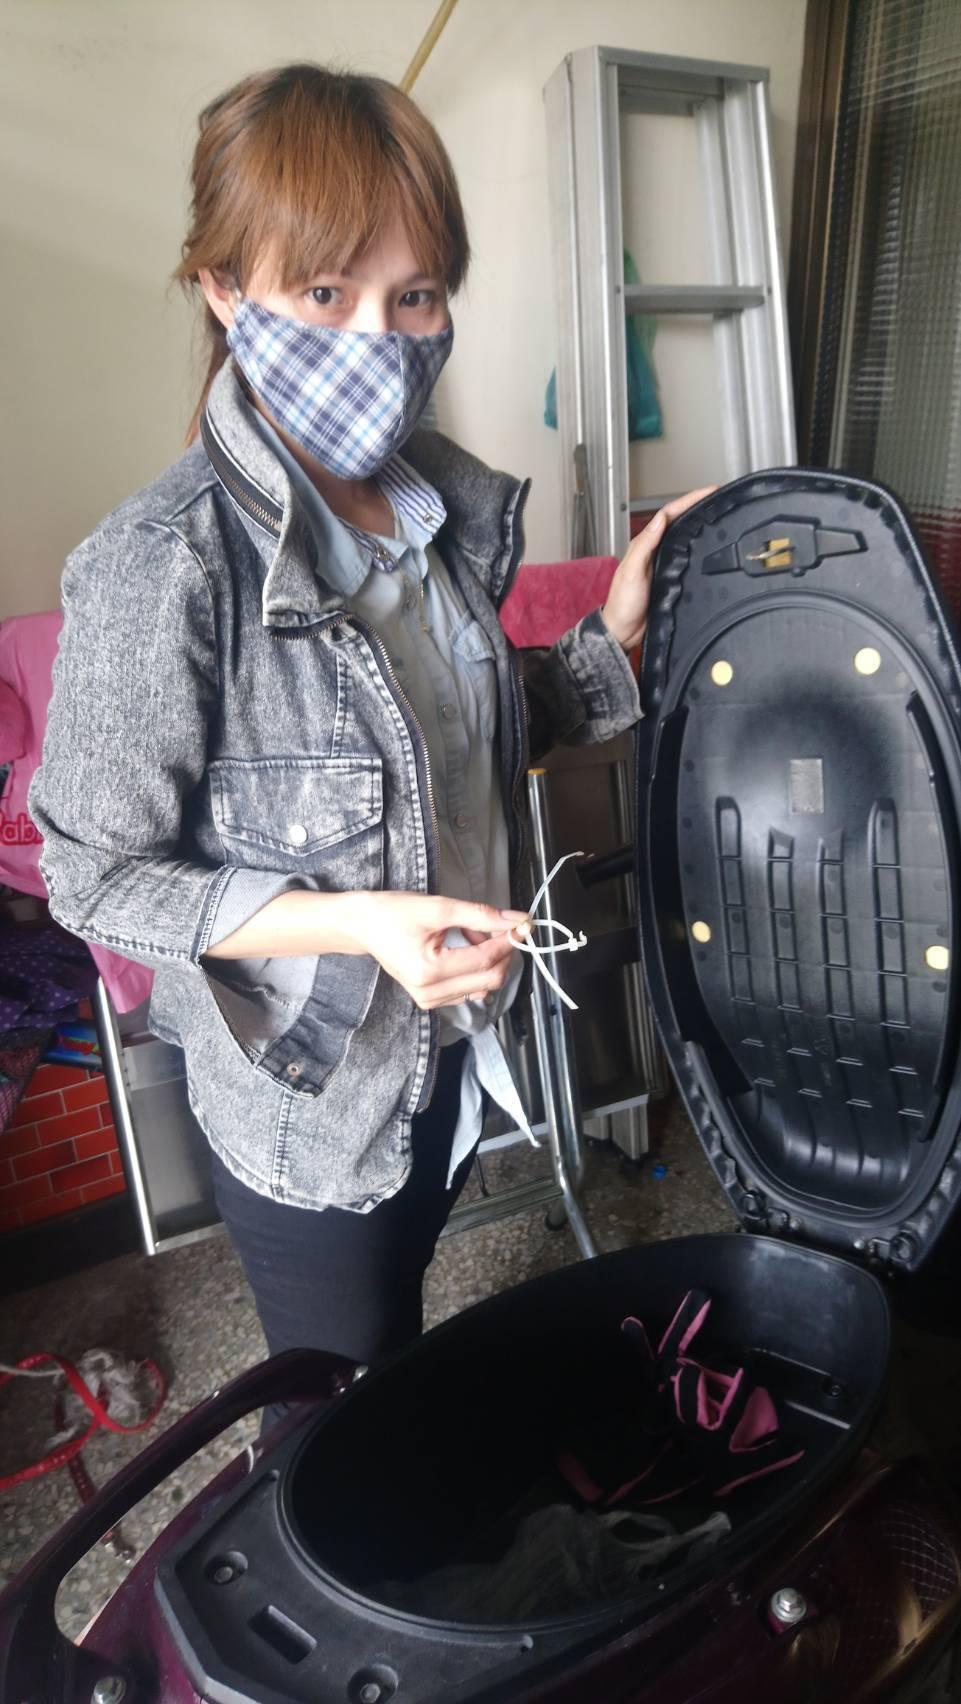 范姓女子認為,機車置物箱內疑被前夫放毒品、槍枝後,報警陷害她。記者卜敏正/攝影